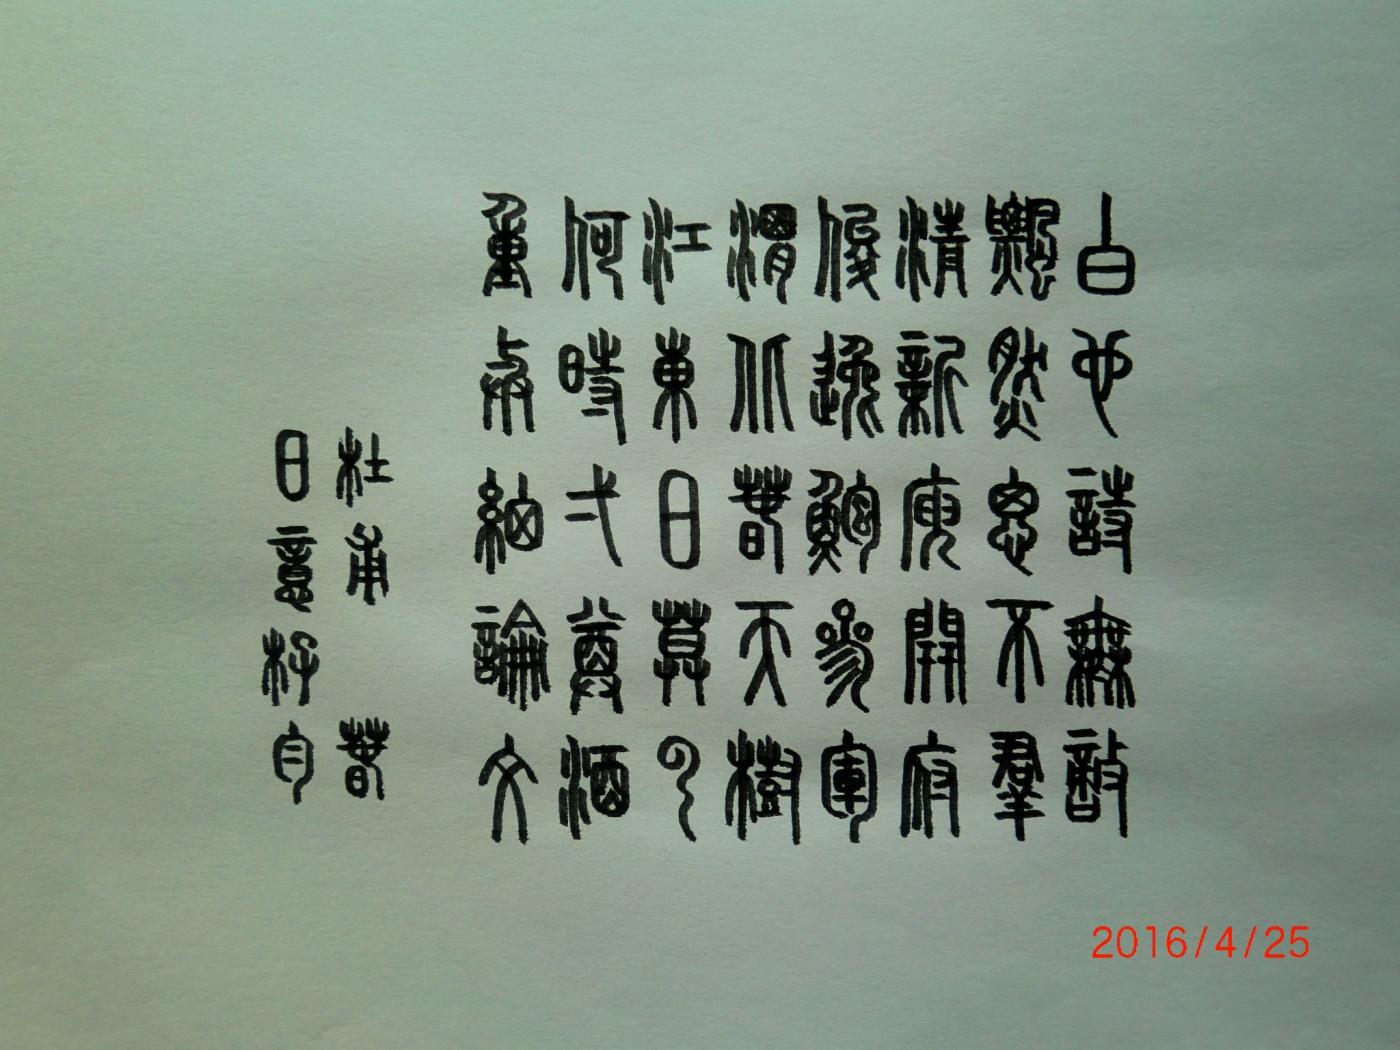 篆书 杜甫 《春日忆李白》_图1-1